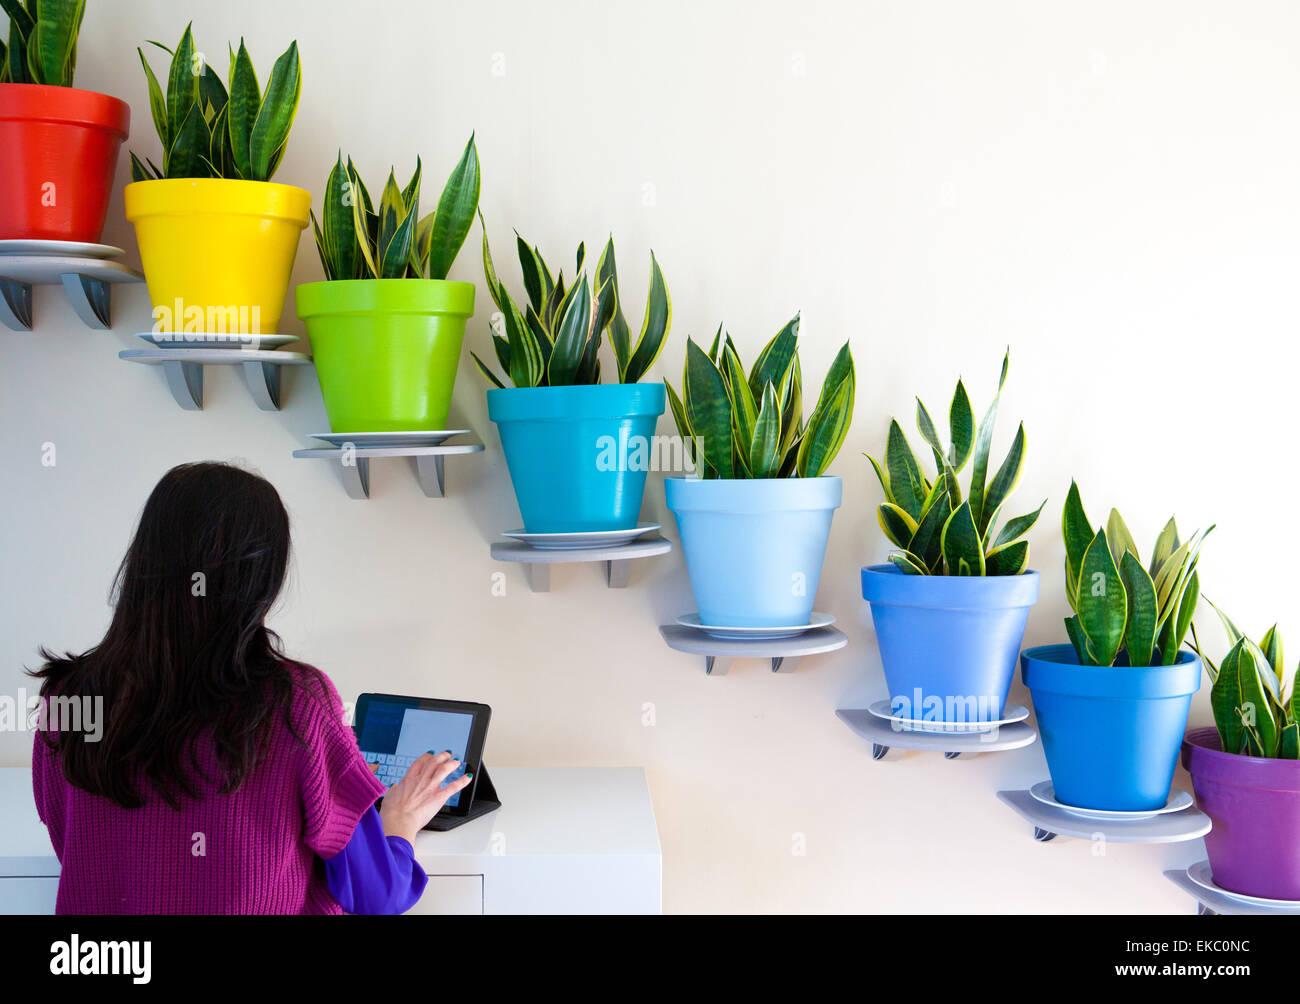 Vista trasera de la mujer mediante tableta digital delante de diagonal fila de plantas en macetas Imagen De Stock